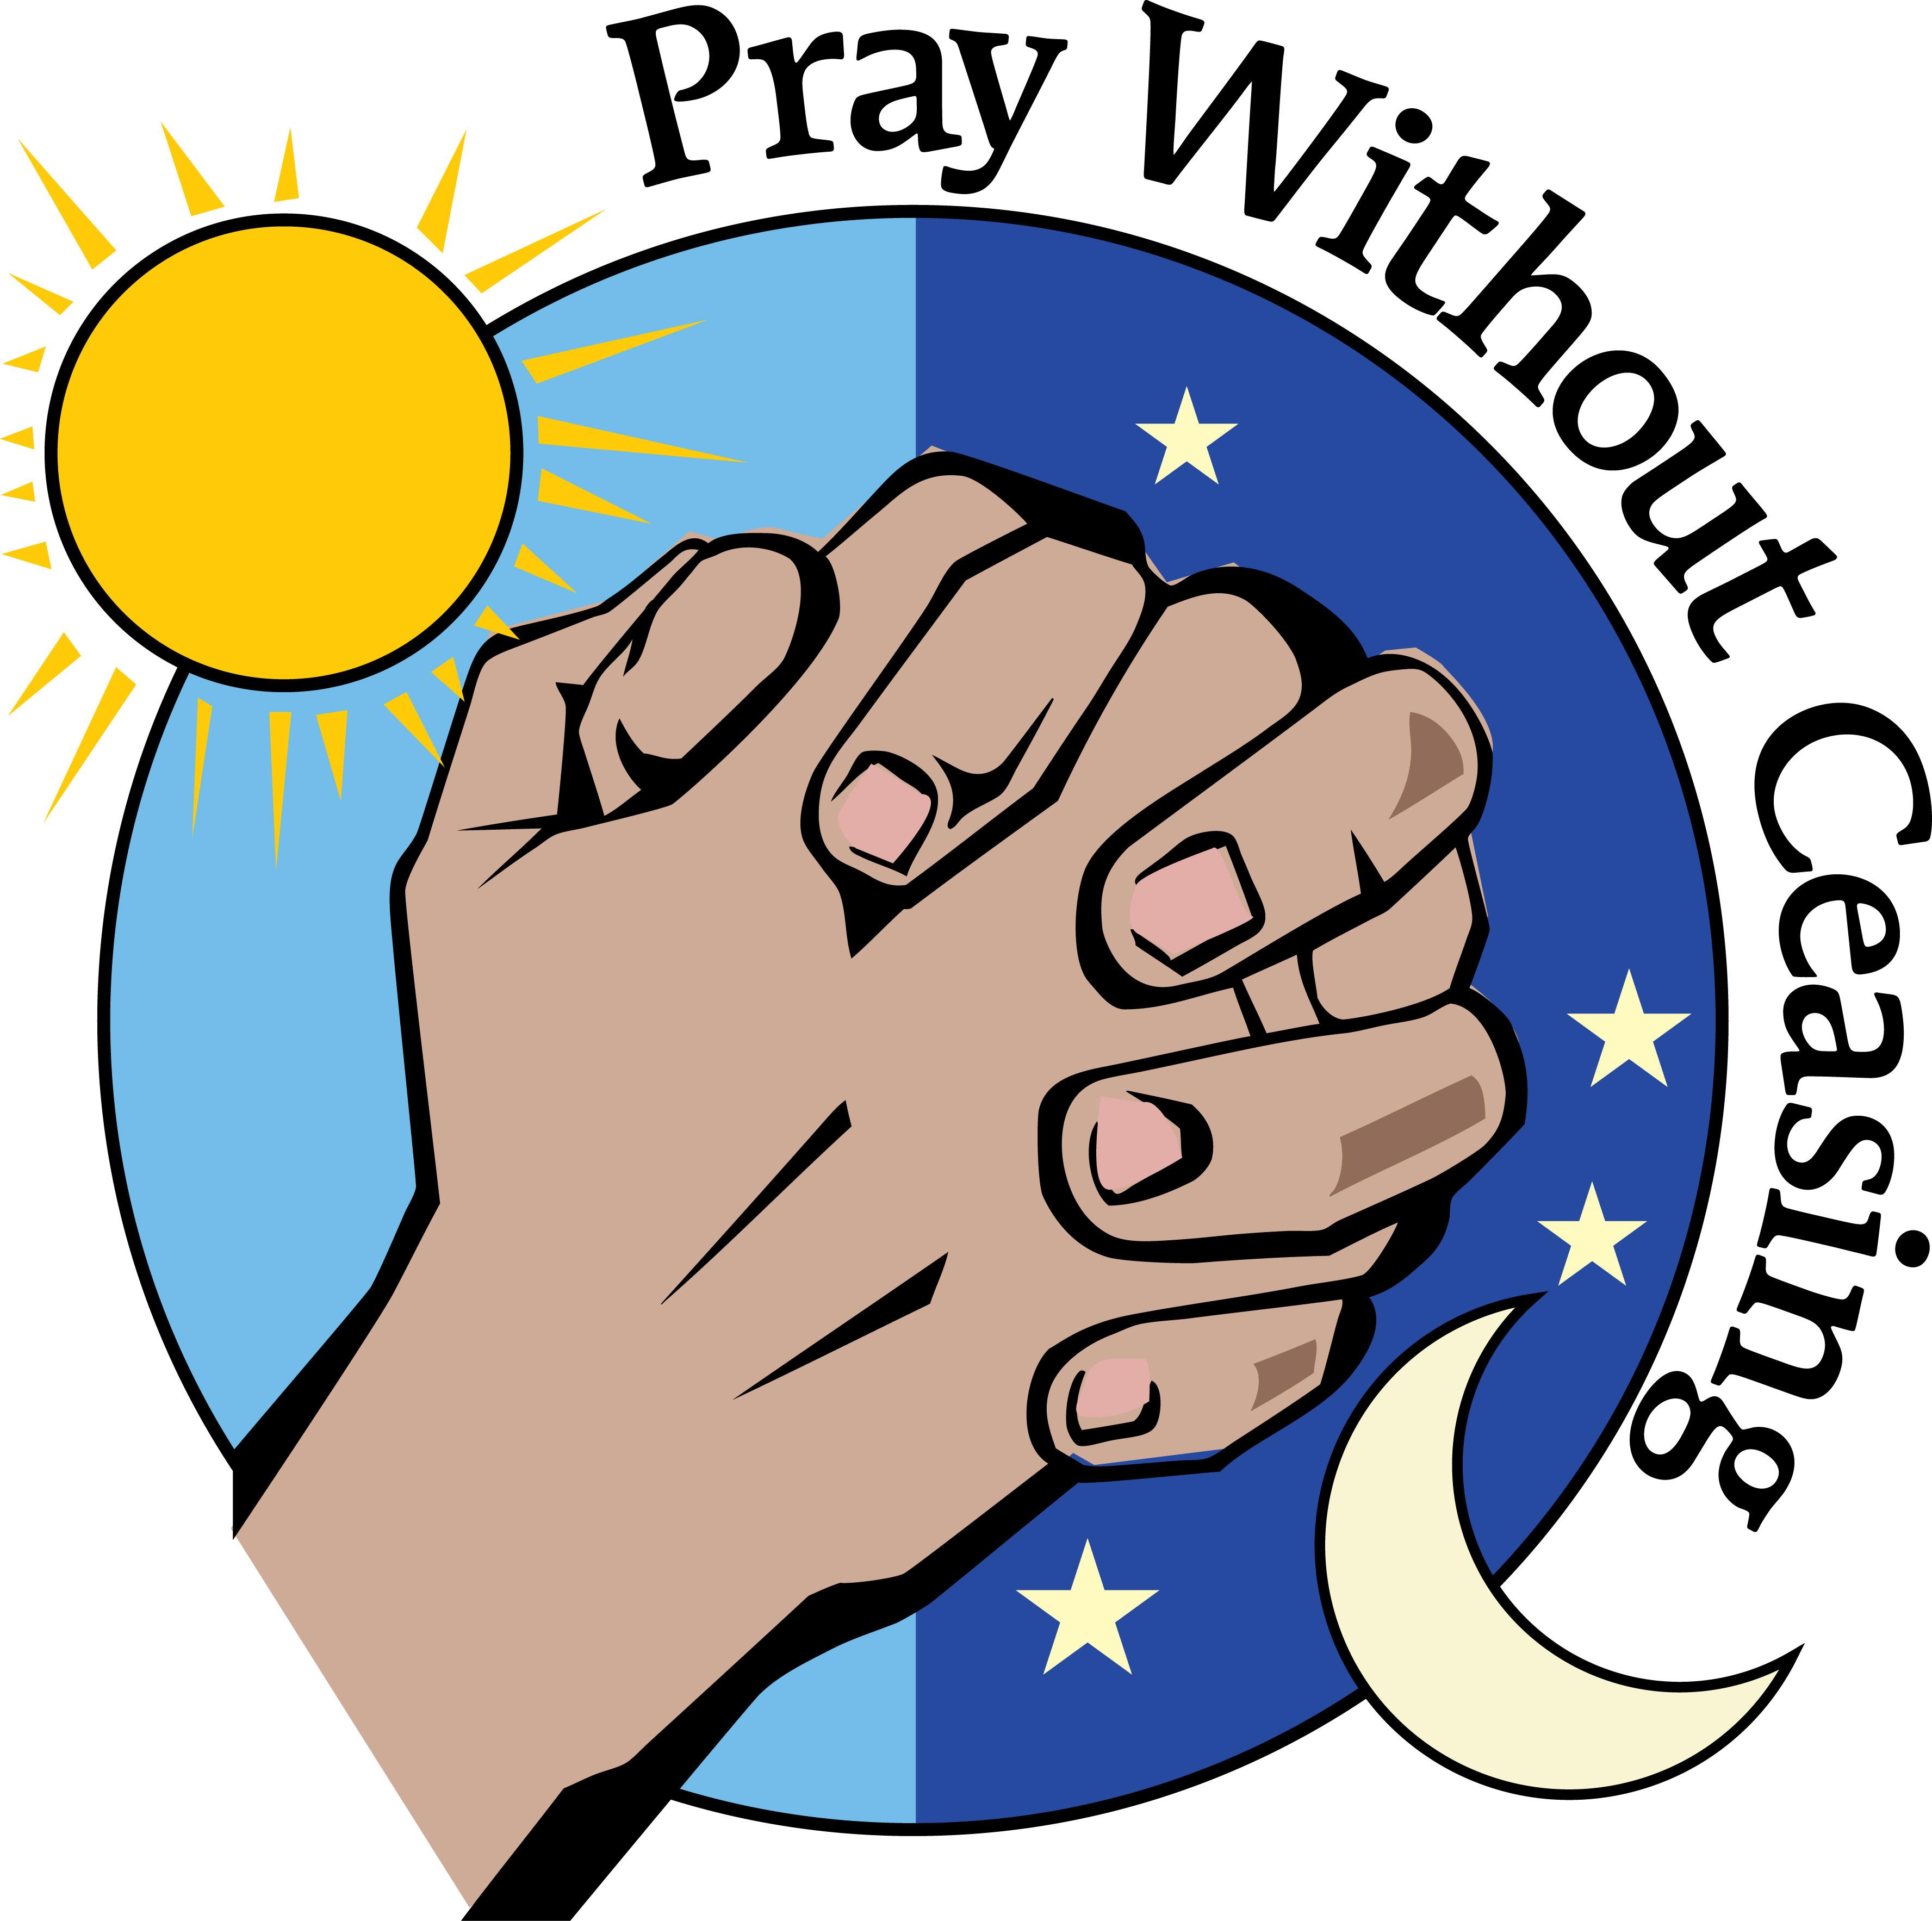 Men's Prayer Group Clipart - Clipart Kid